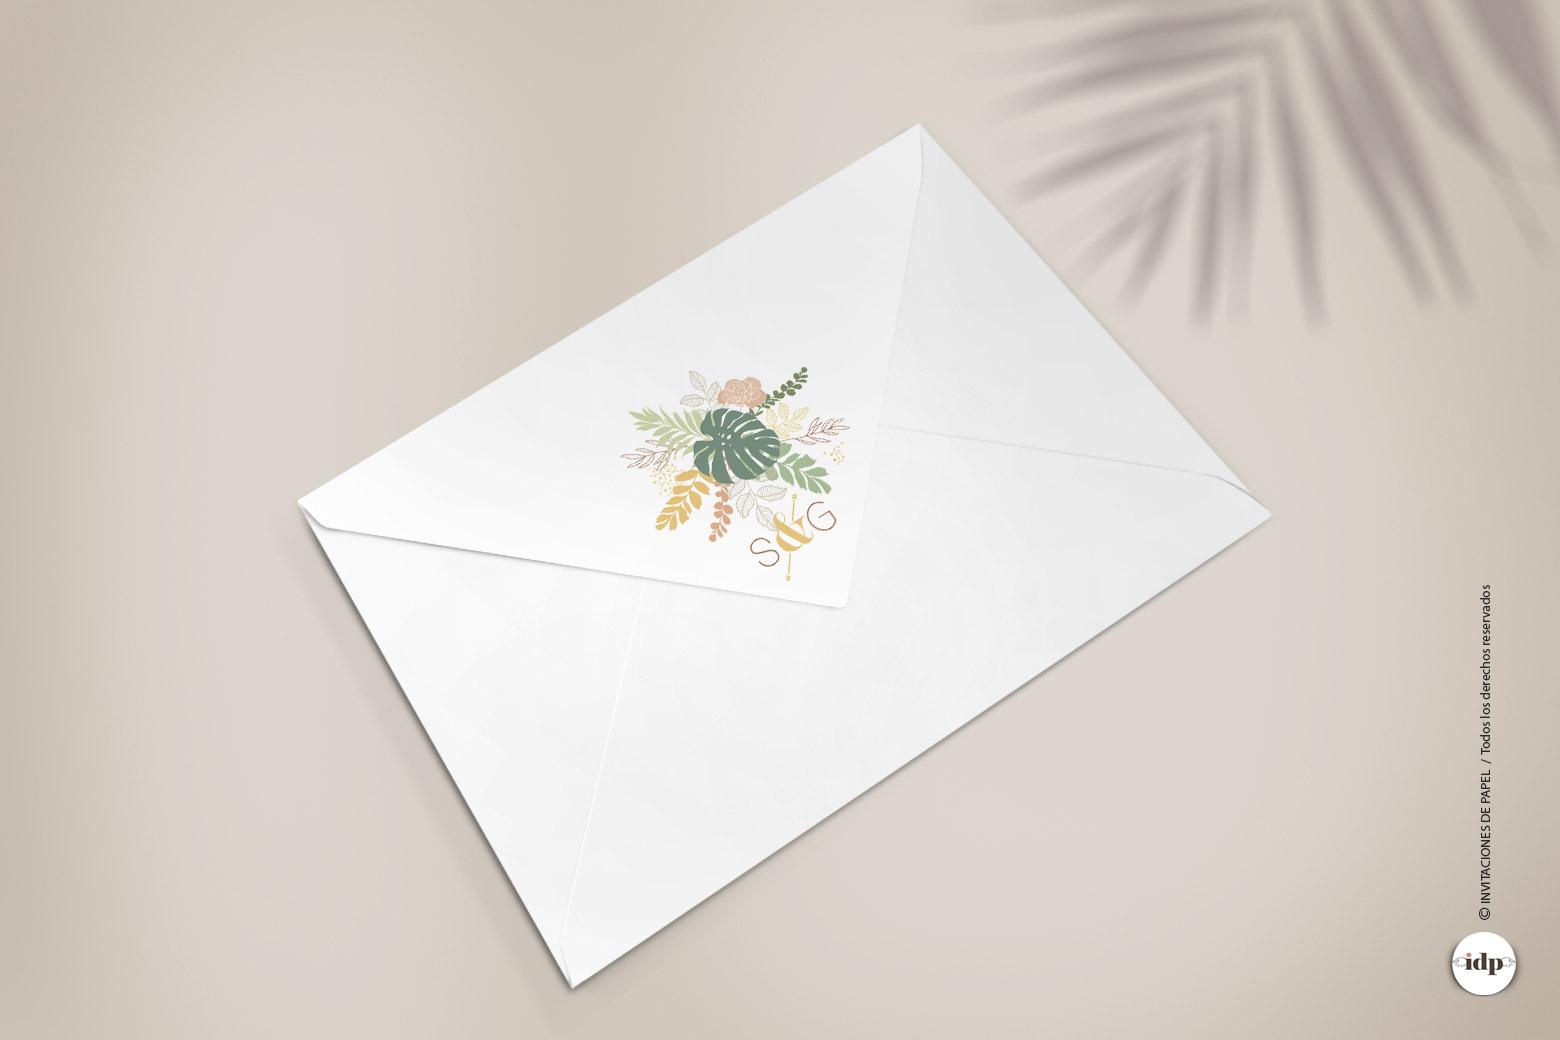 Imprimir el Logo de la Boda en la Solapa del Sobre - amazonas